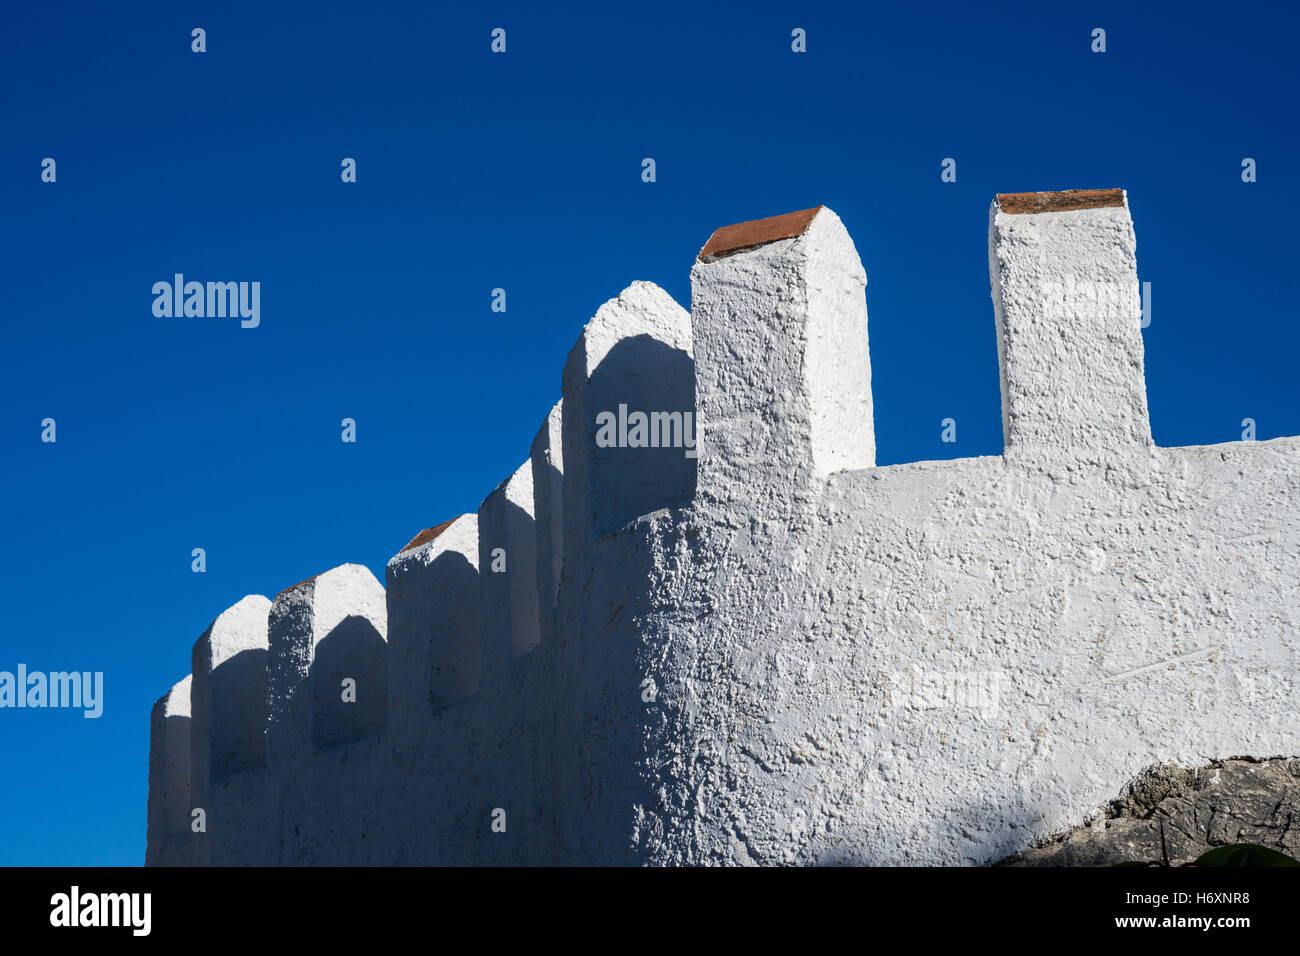 Weißen Wände des Castillo de Comares in Andalusien, Spanien Stockbild